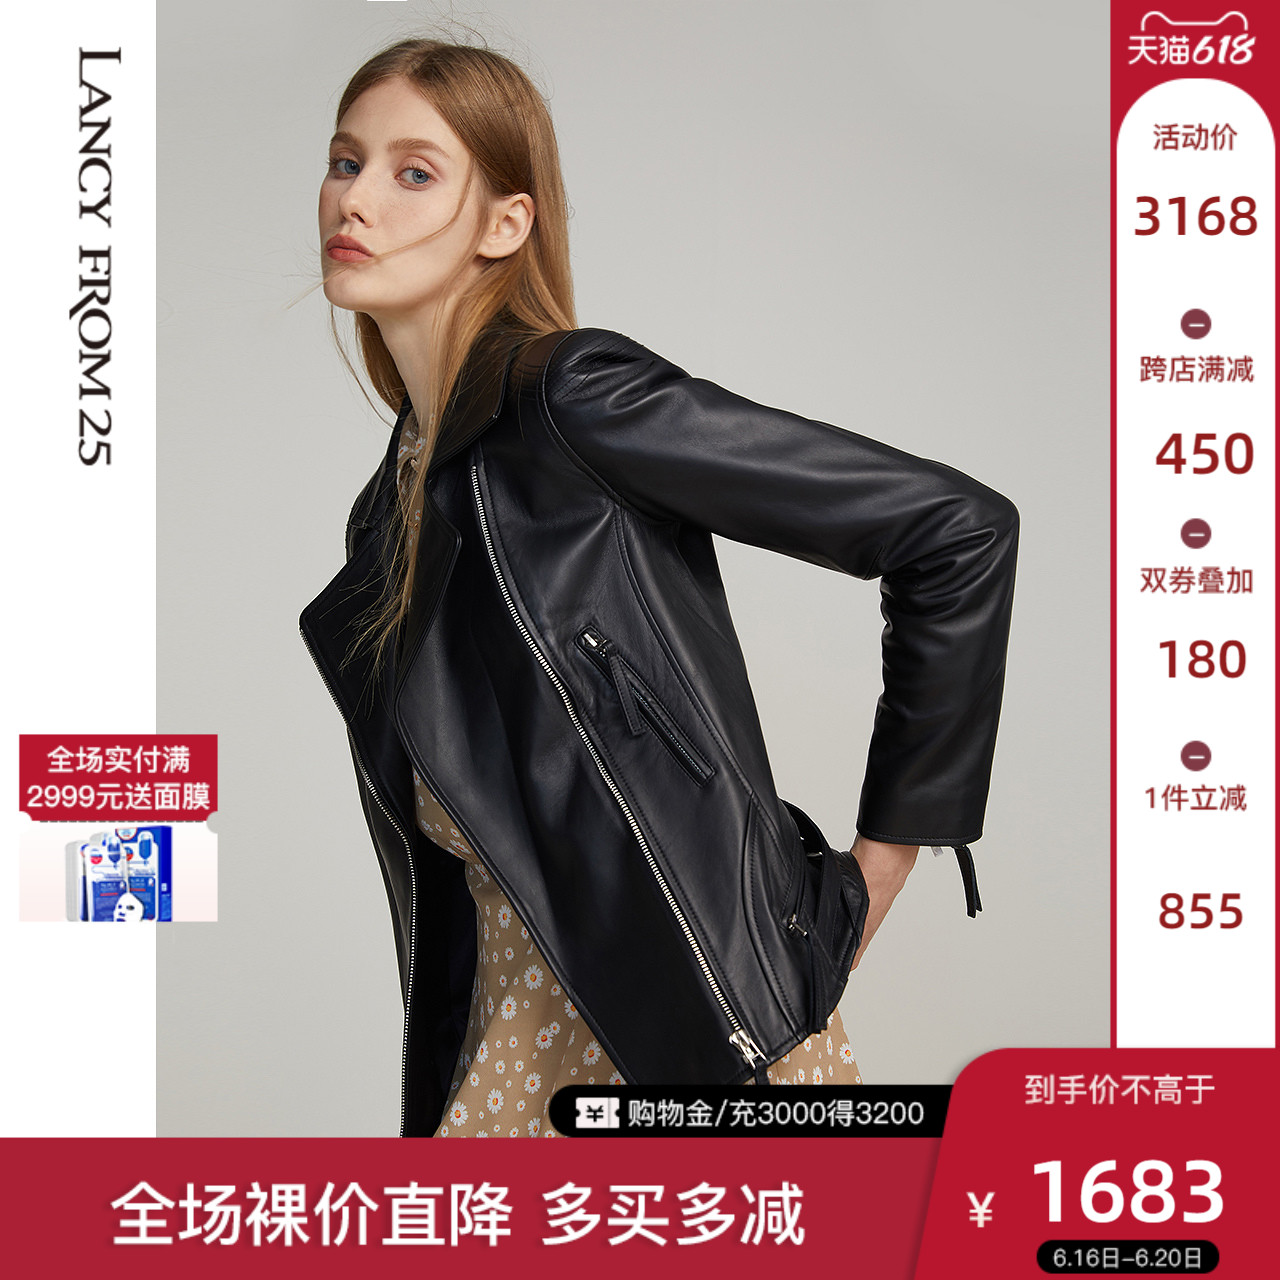 朗姿欧美机车夹克2020年春秋黑色西装领绵羊皮真皮短款皮衣小外套